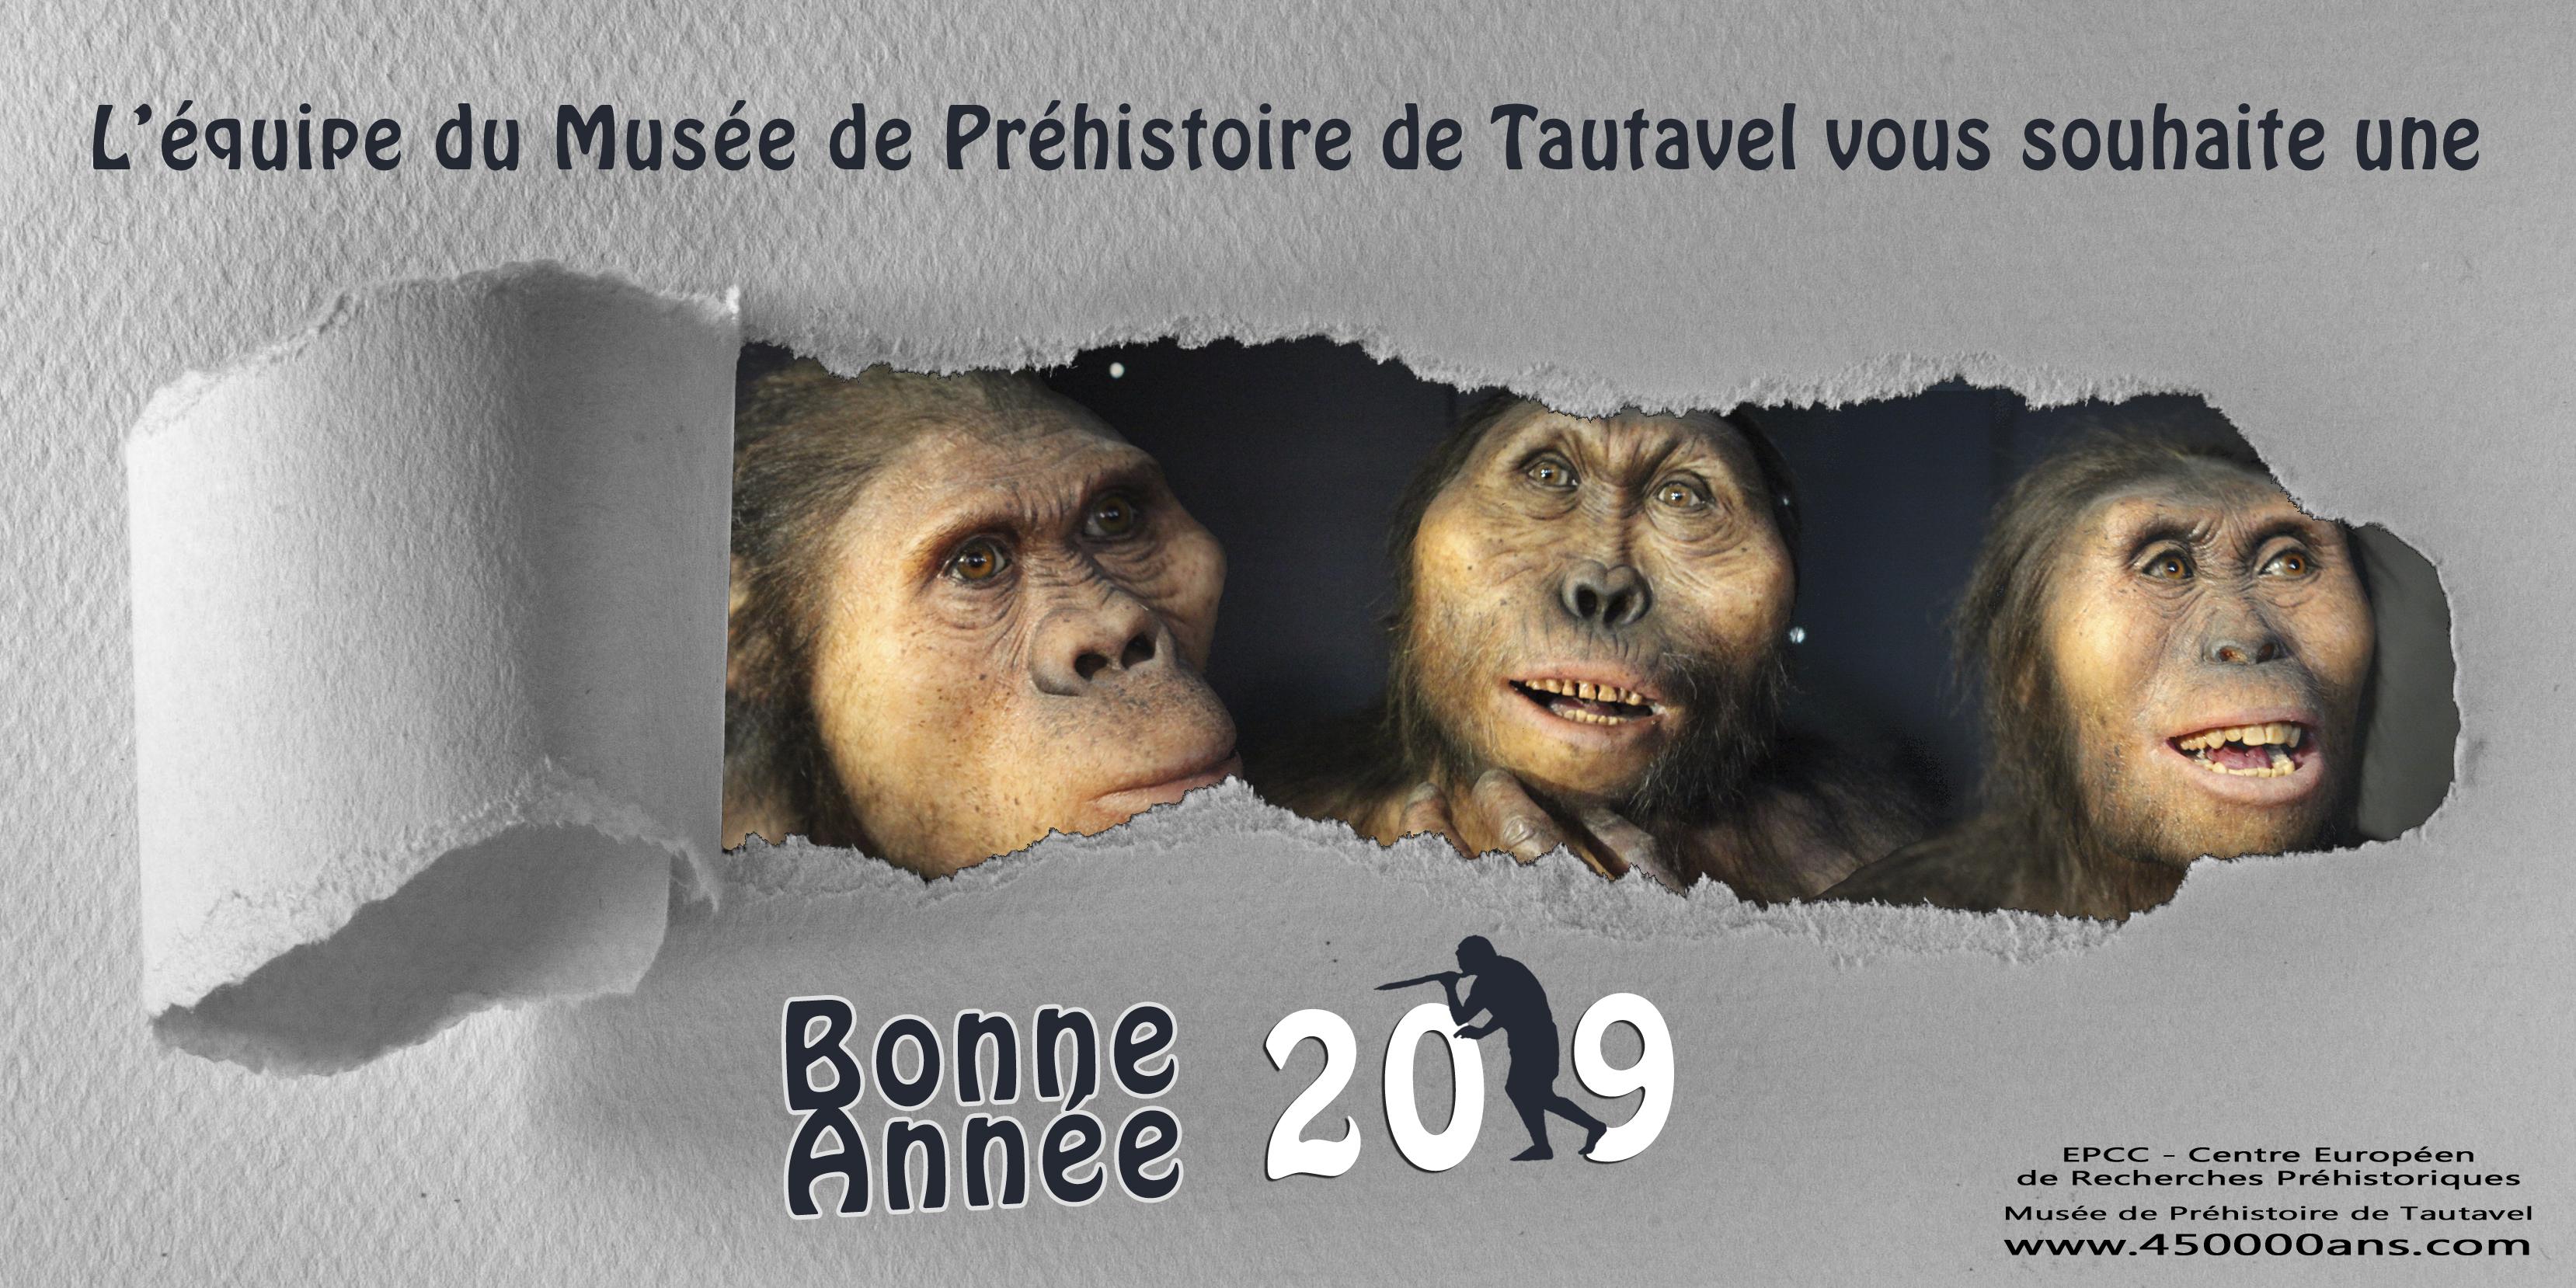 Vœux 2019 Musée de Préhistoire de Tautavel